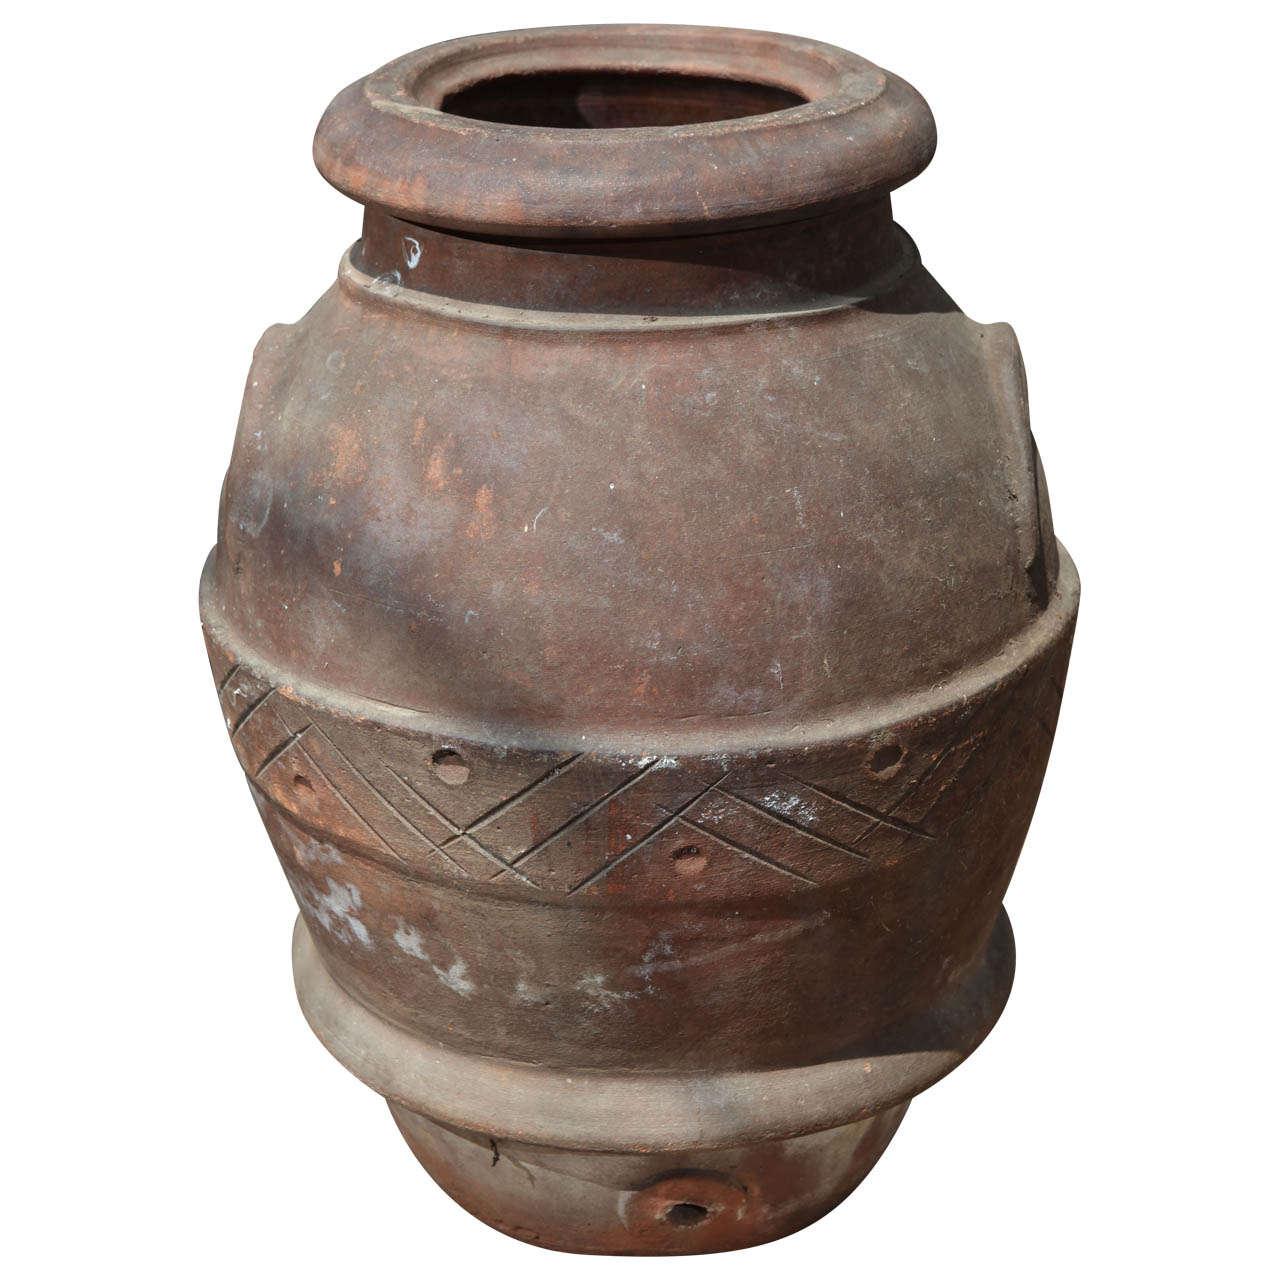 19th Century Olive Oil Jar At 1stdibs